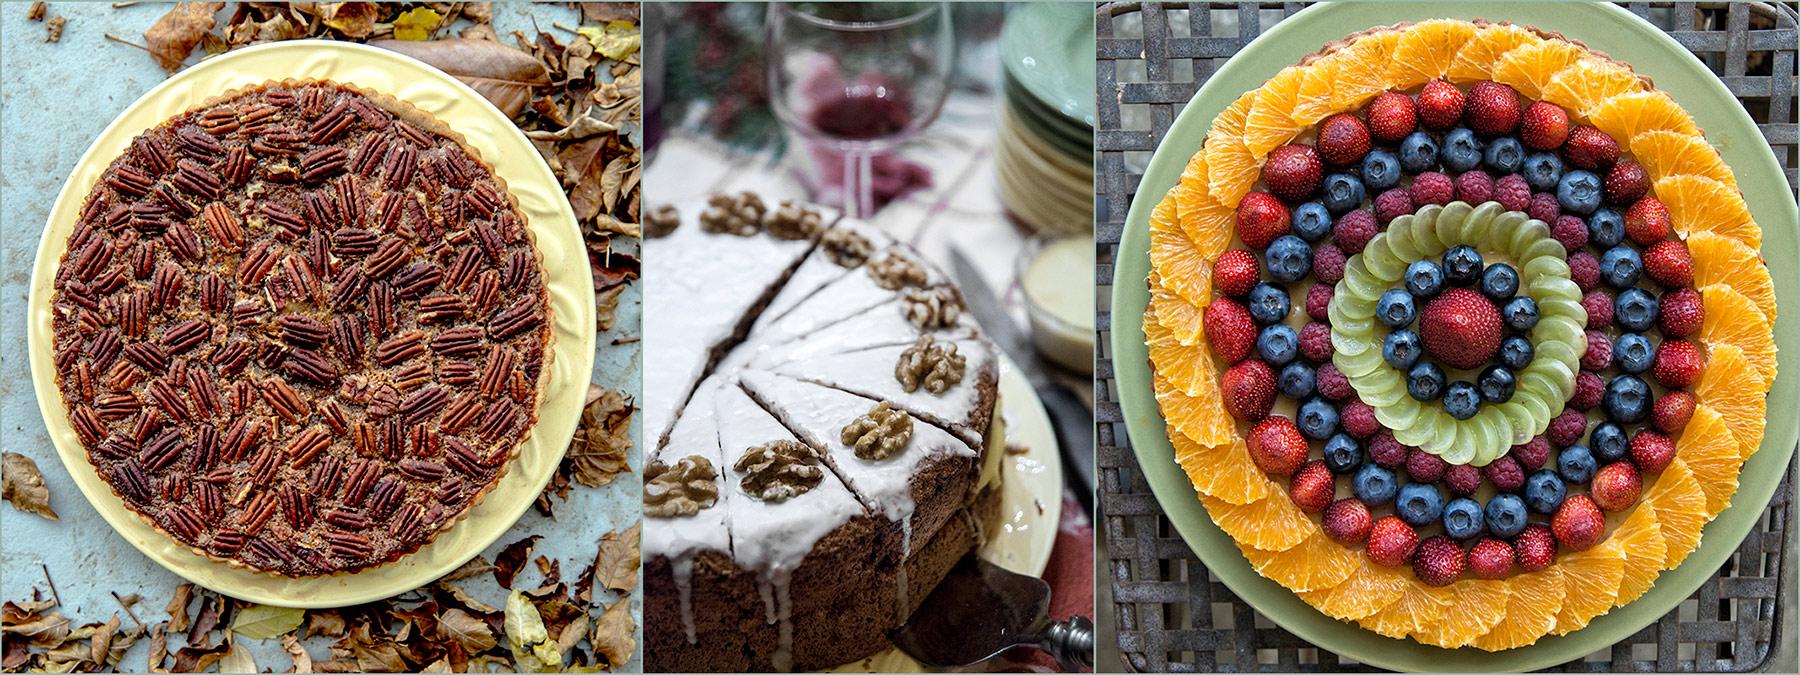 pecan-pie-carrot-cake-fruit-tart